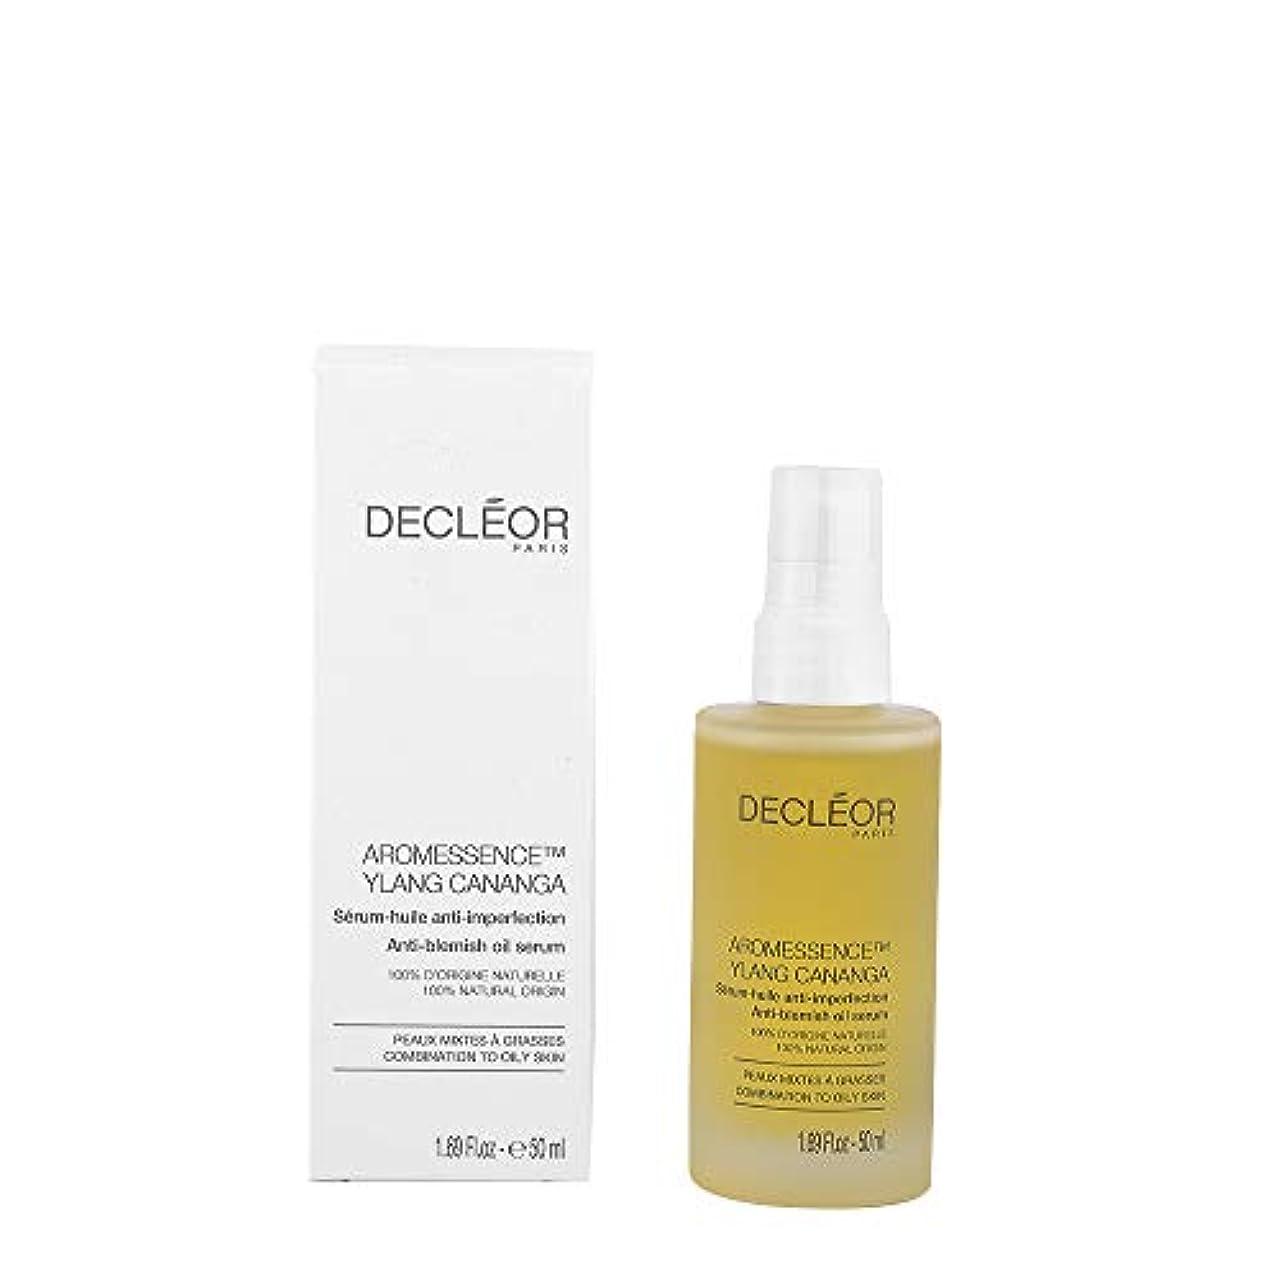 ミス不十分言語デクレオール Aromessence Ylang Cananga Anti-Blemish Oil Serum - For Combination to Oily Skin (Salon Size) 50ml/1.69oz...